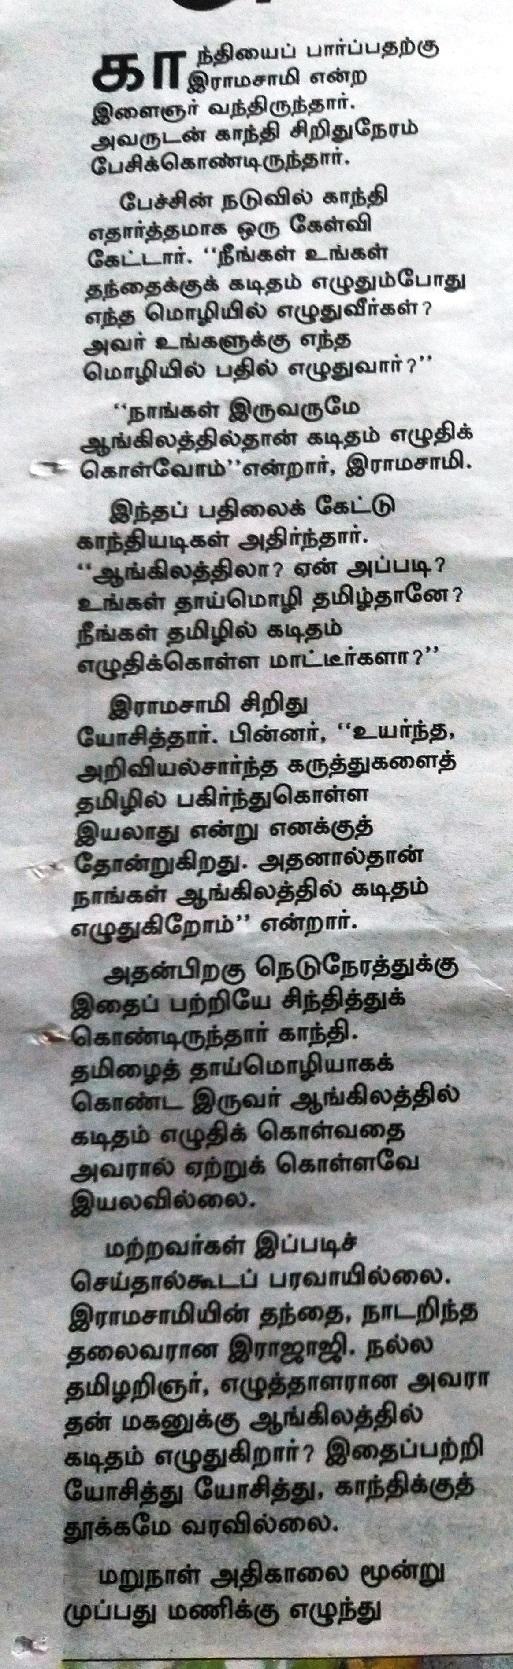 இராஜாஜி மகனை தமிழில் எழுத வைத்த காந்தி Img_2059